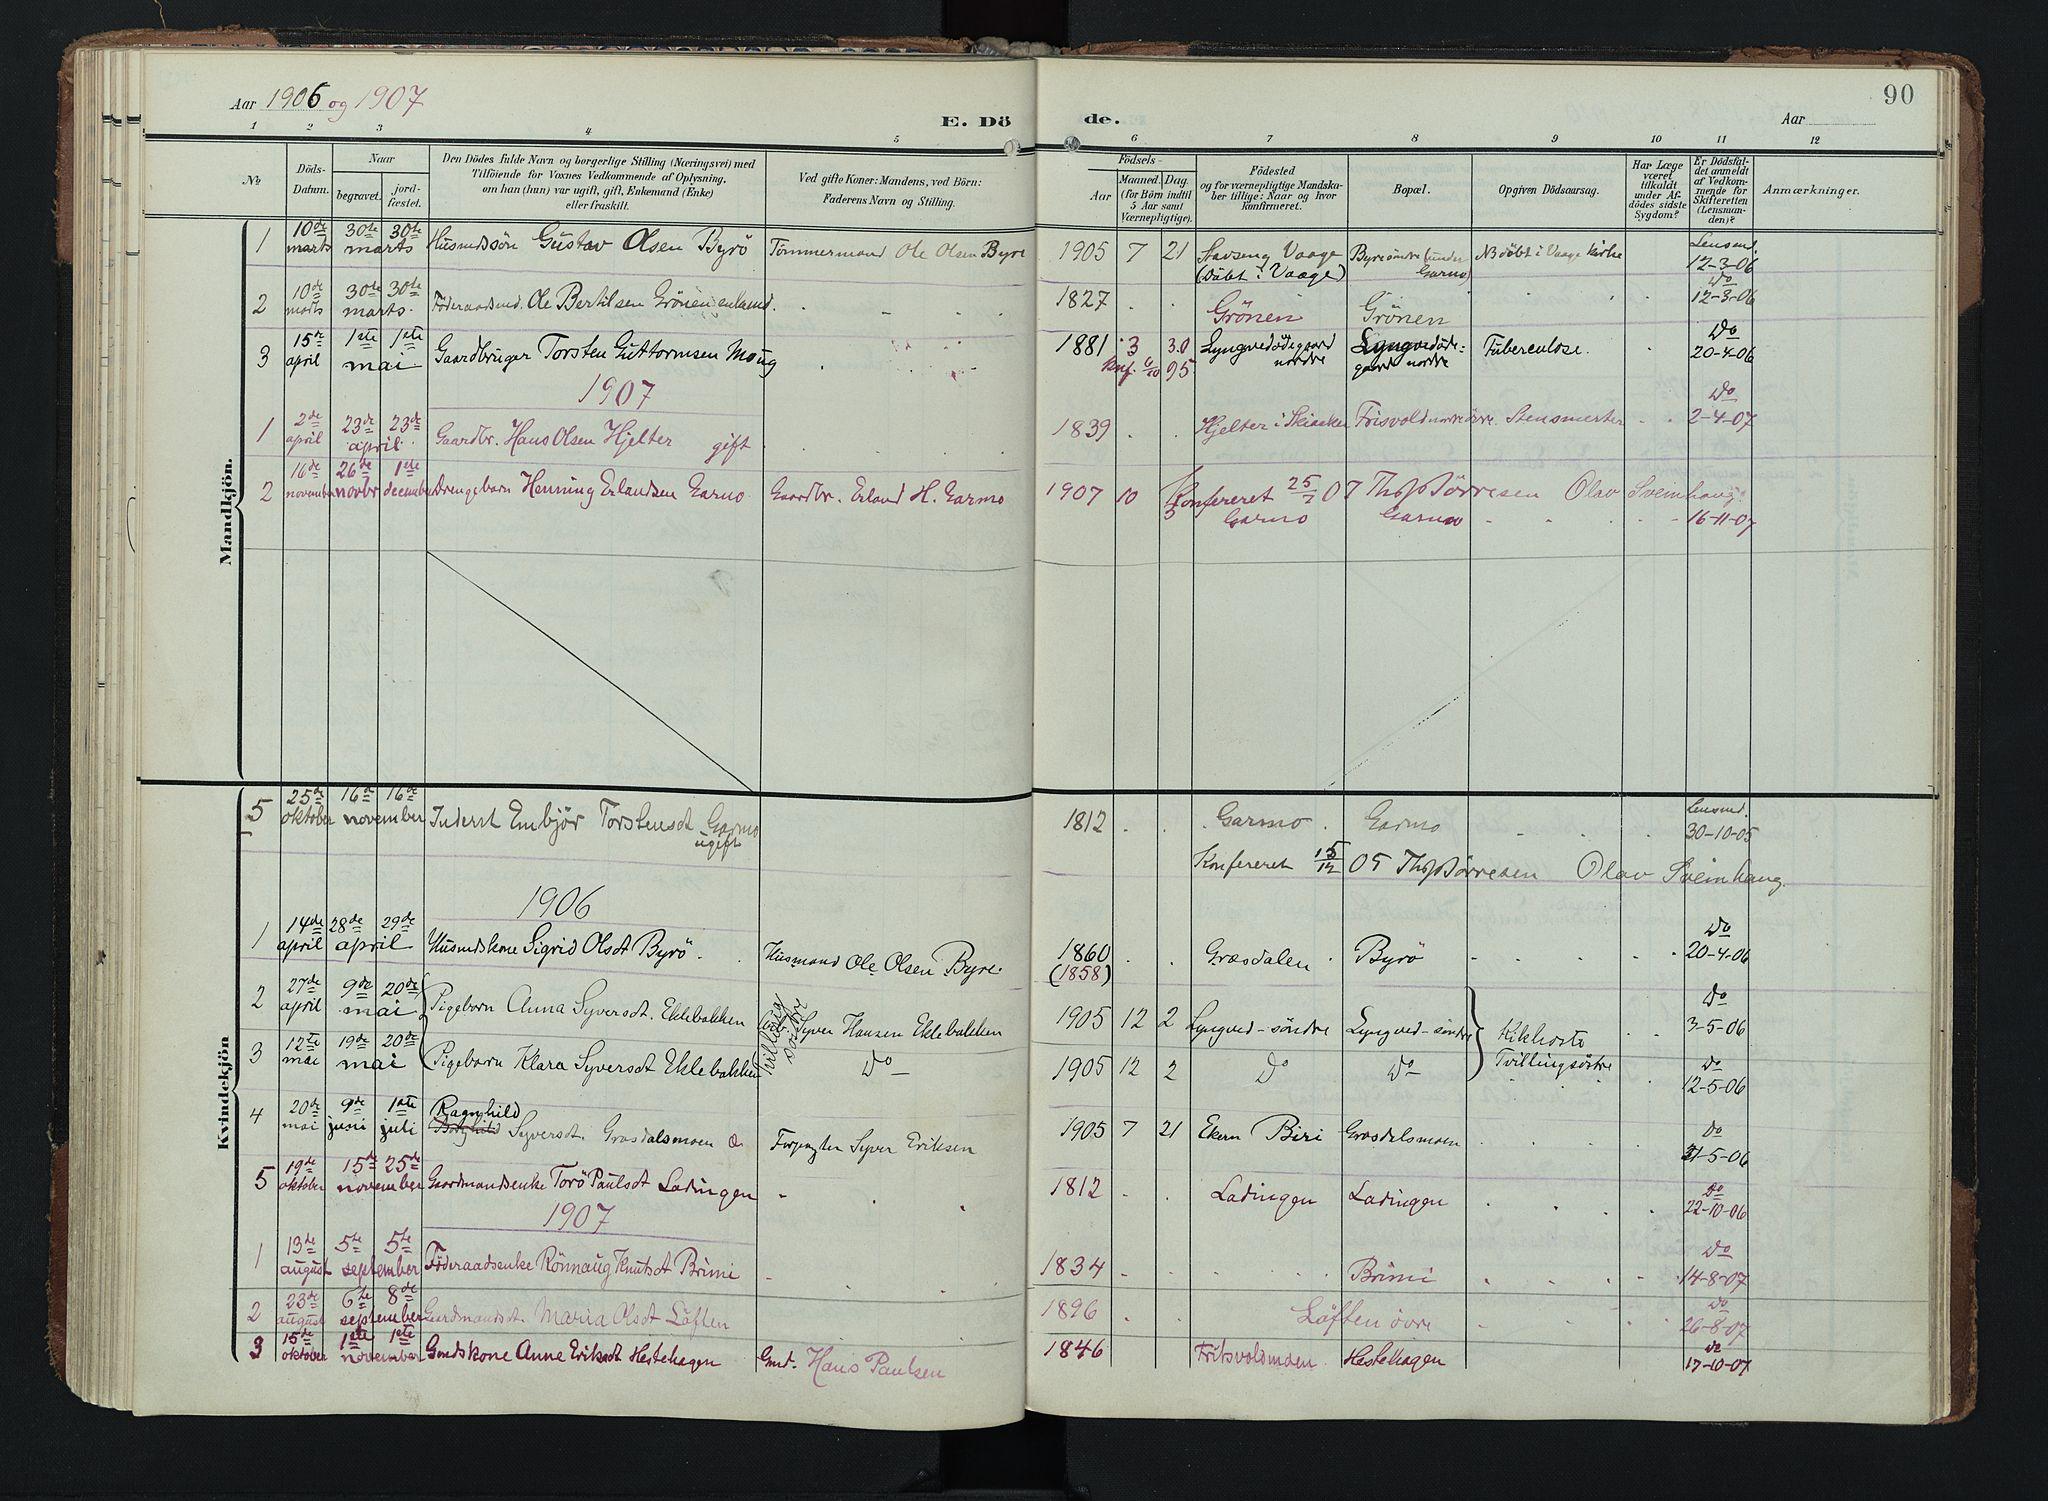 SAH, Lom prestekontor, K/L0011: Ministerialbok nr. 11, 1904-1928, s. 90